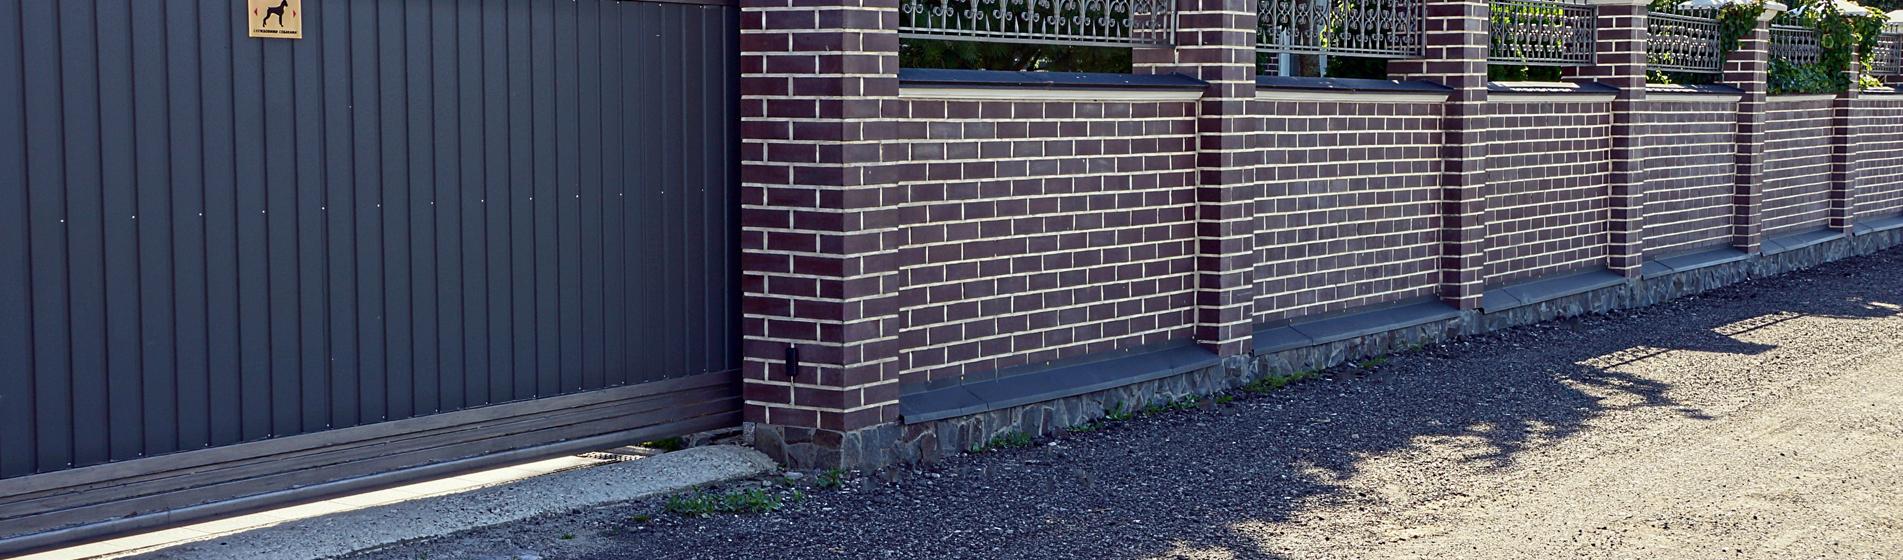 rénovation portail coulissant electrique 30 Gard